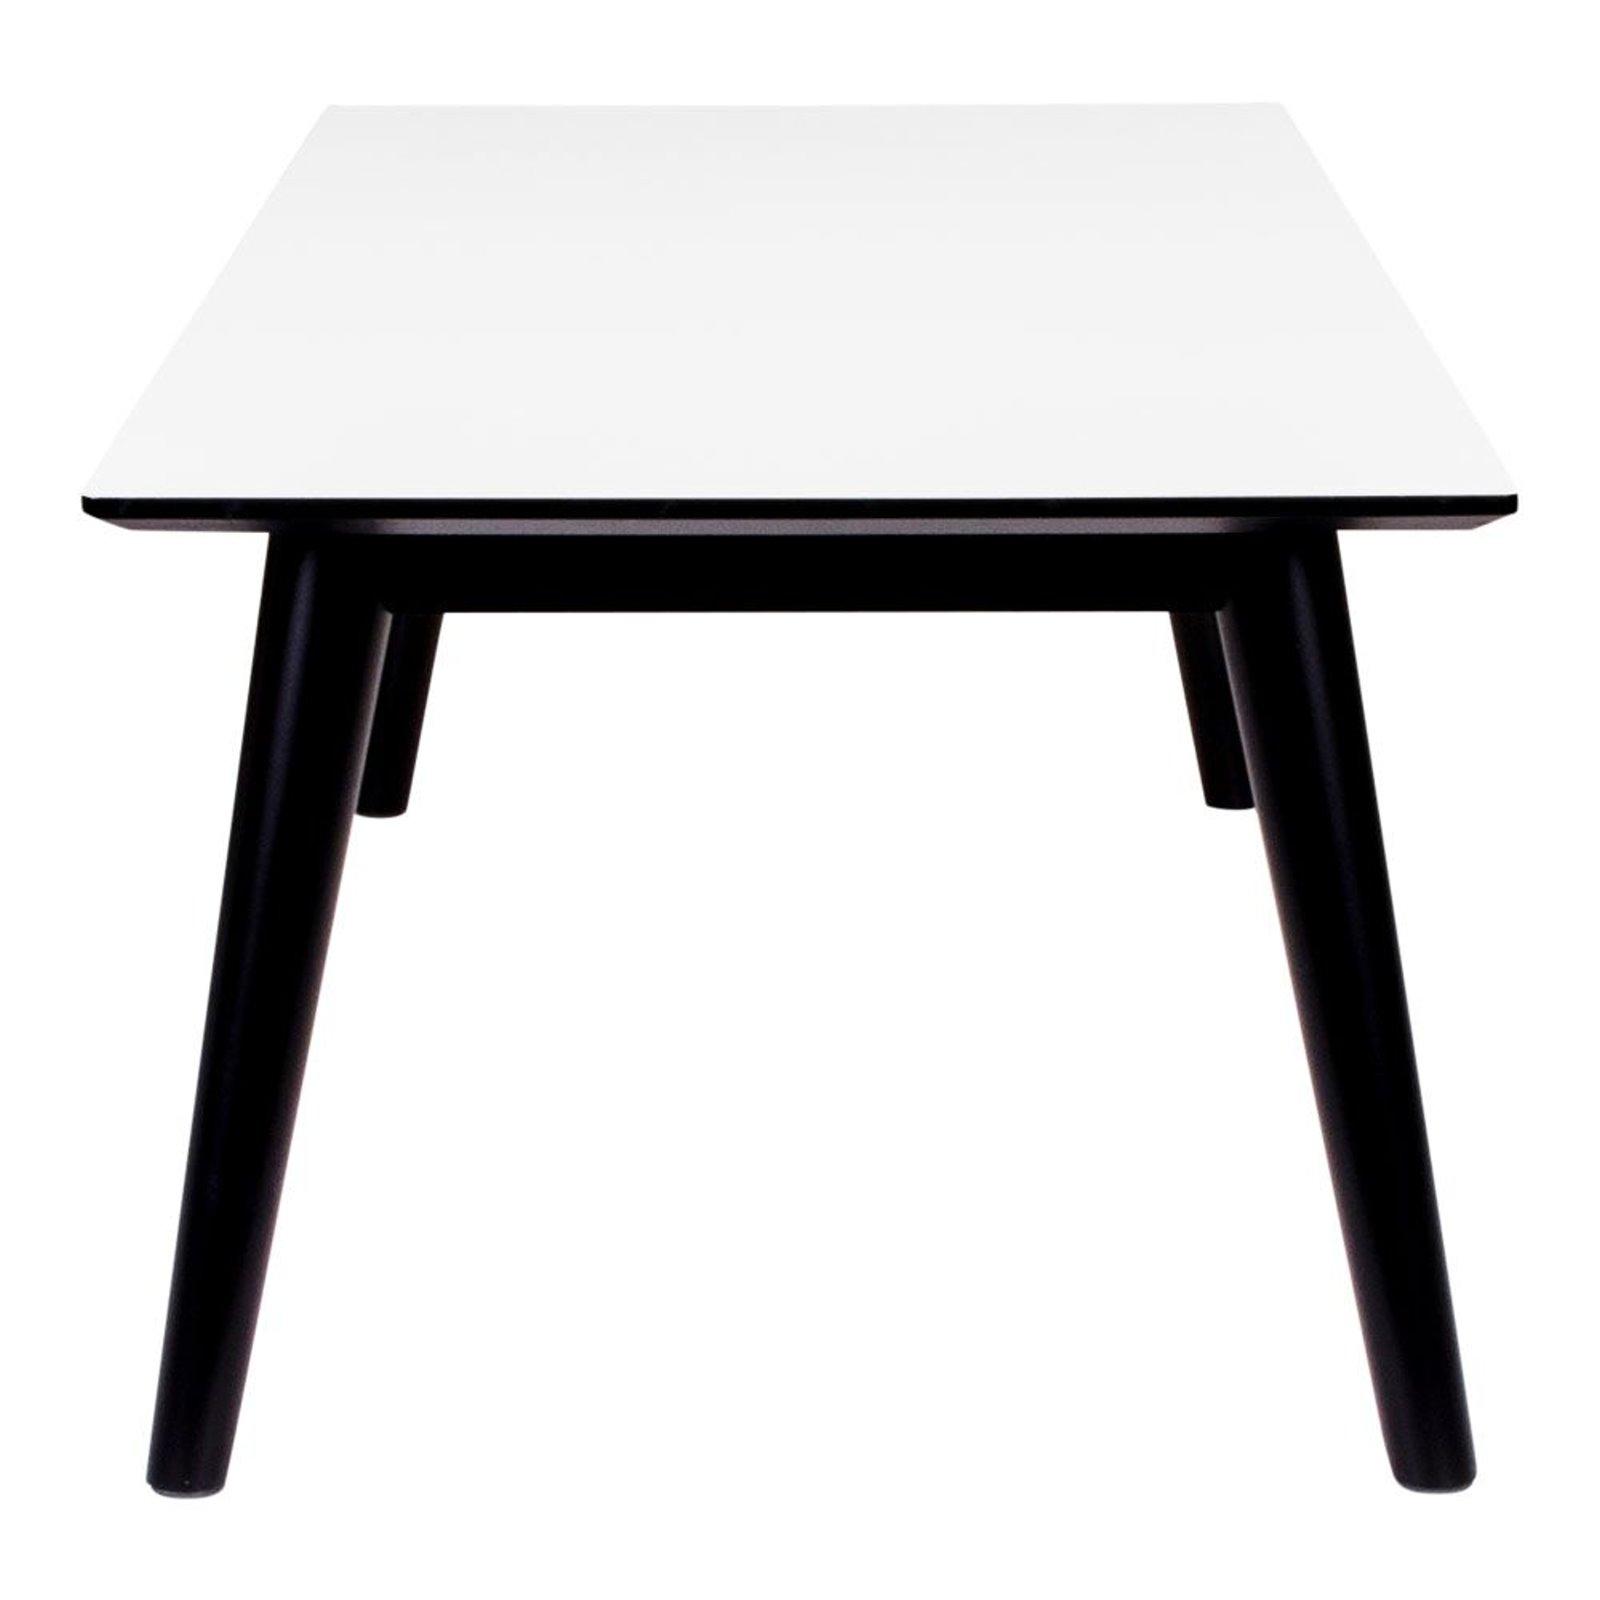 pkline couchtisch cooper schwarz wei wohnzimmertisch. Black Bedroom Furniture Sets. Home Design Ideas